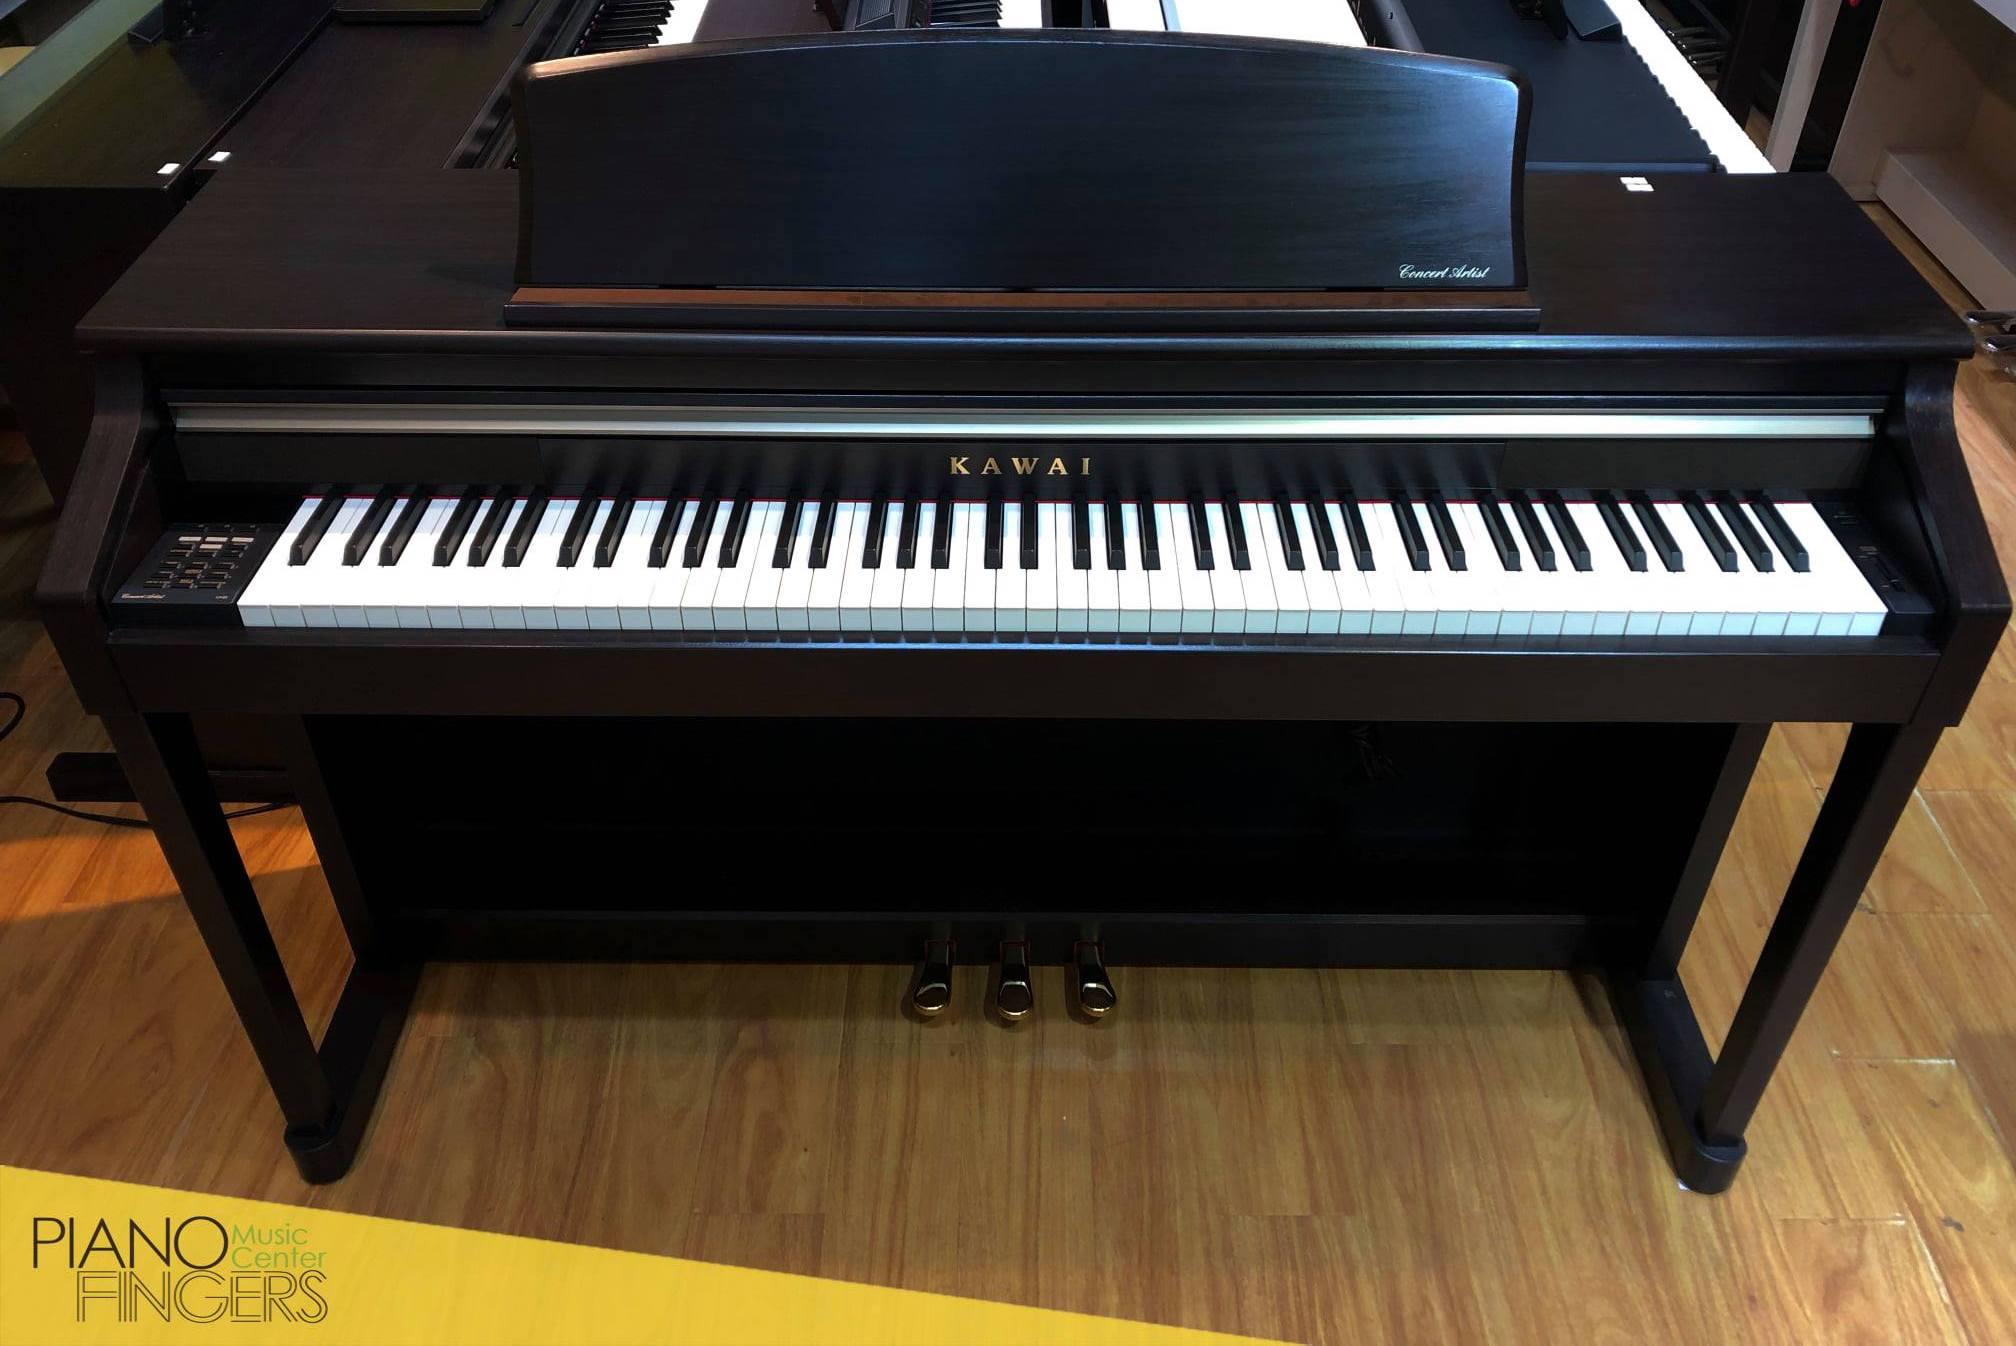 moi-hoc-nen-mua-dan-piano-dien-gia-bao-nhieu-kawai-ca65